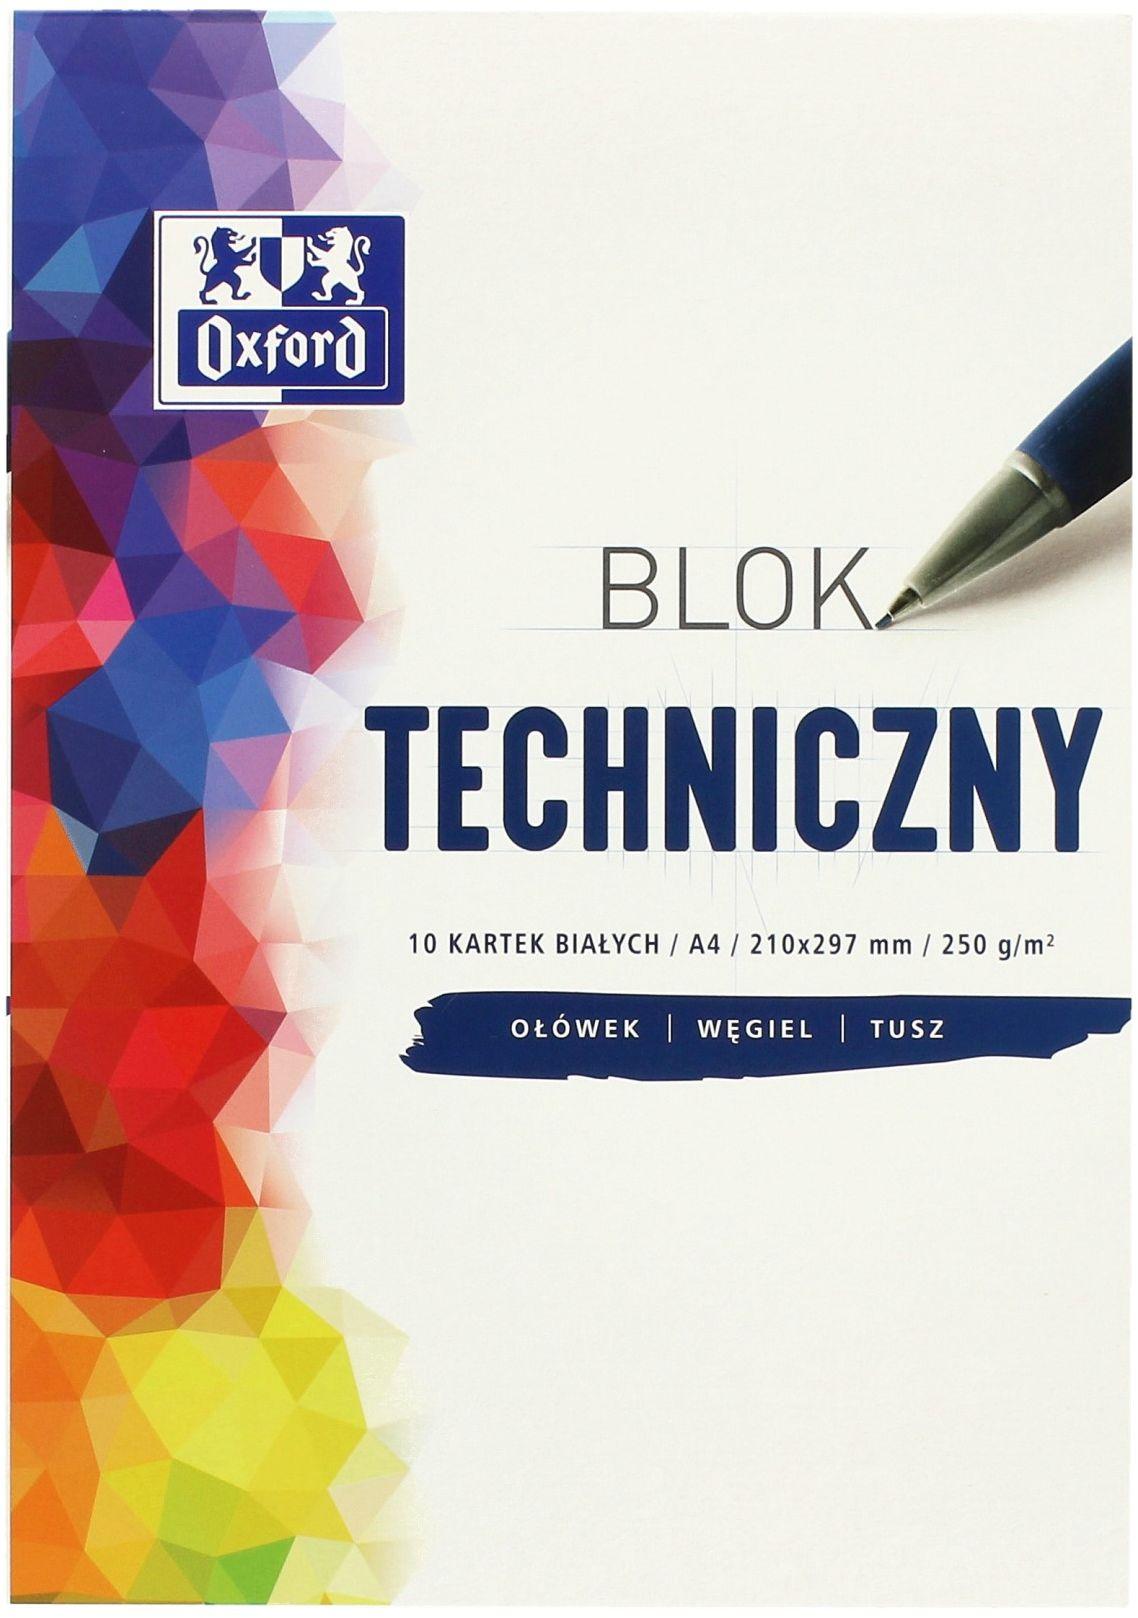 Blok techniczny A4/10 biały 250g Oxford 400093199